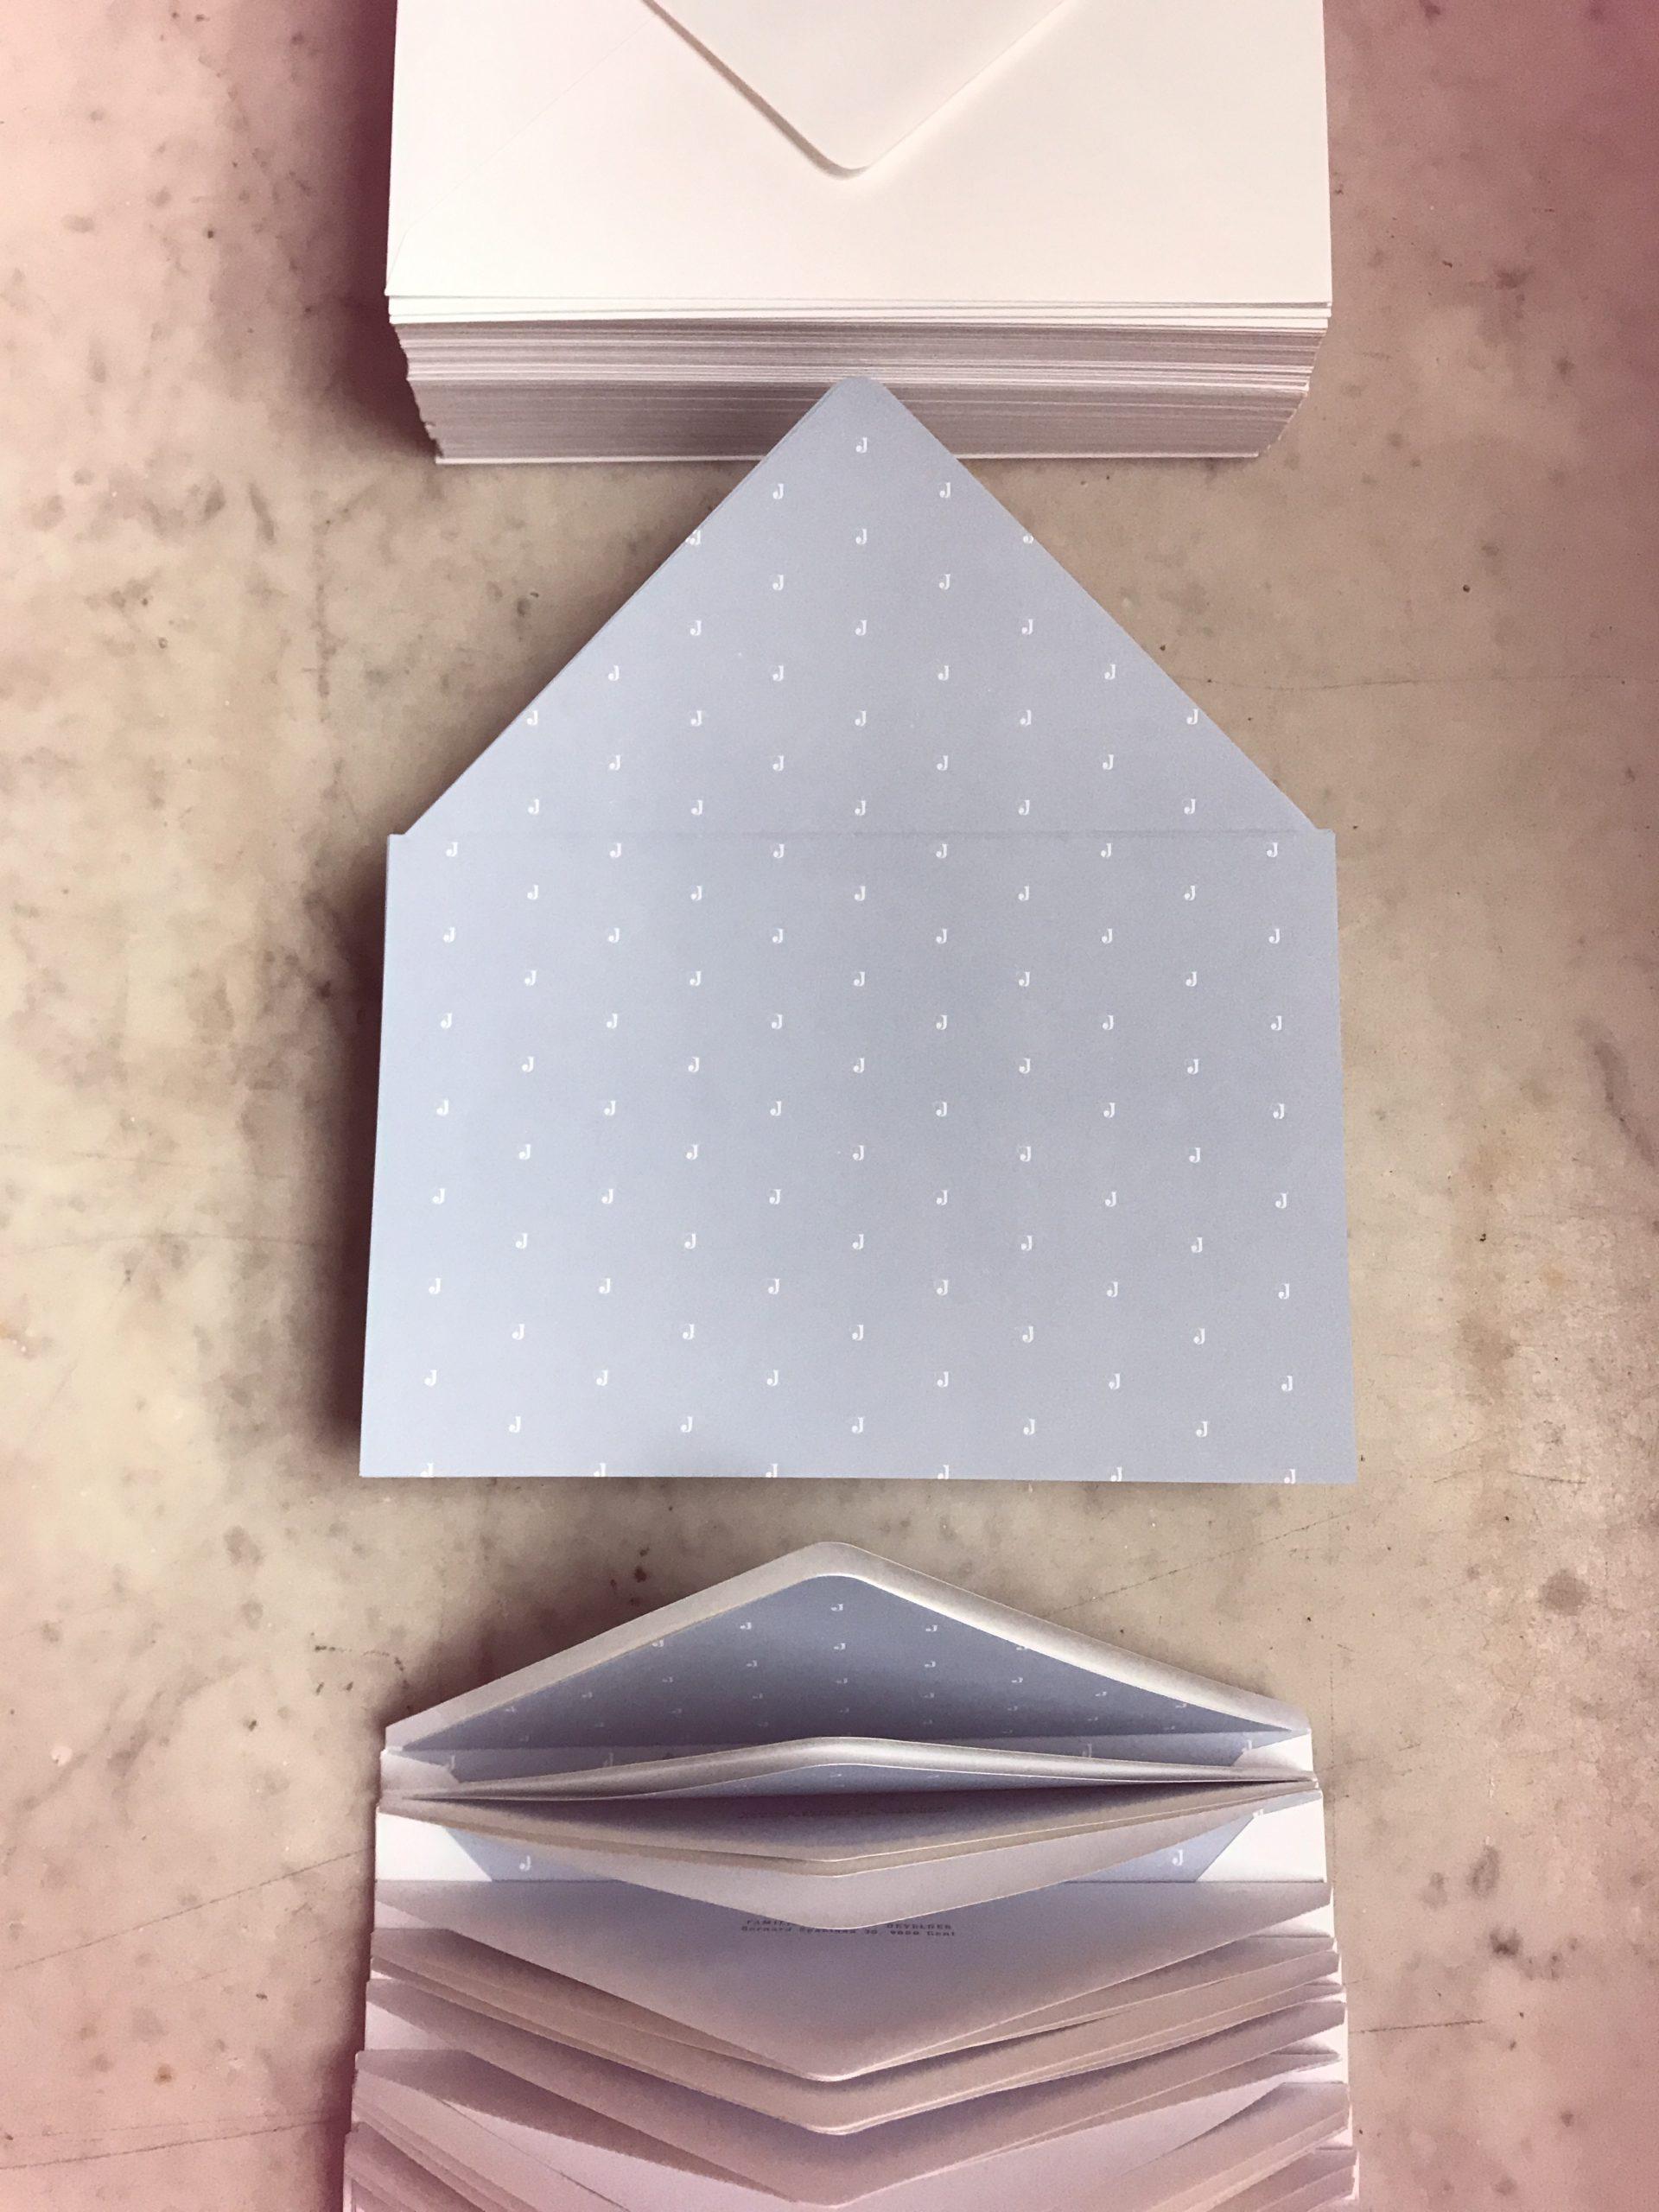 Geboortedoosjes Jacob - uniek concept geboortekaartje met doopsuiker op maat - foliedruk - doos op maat - logo design - olifantje - envelope liner